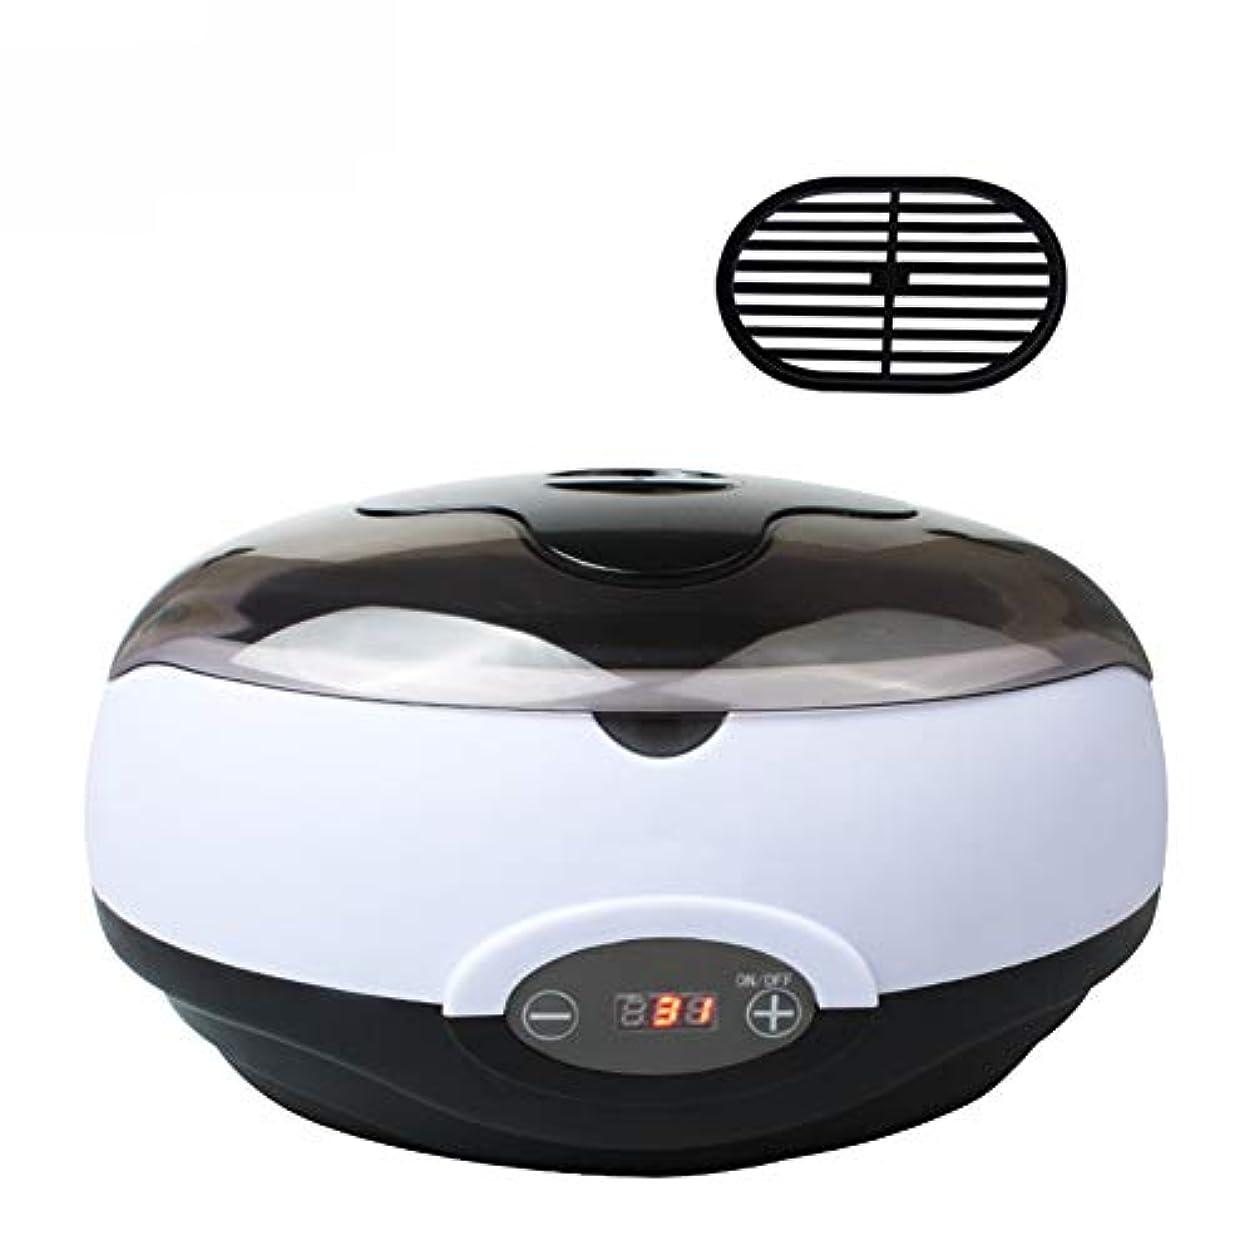 可決浸透する鳴らす保湿パラフィン浴電気2.8Lポットヒーター電気ホットパラフィンワックスウォーマースパバスLCD温度表示用固体ワックスブロック